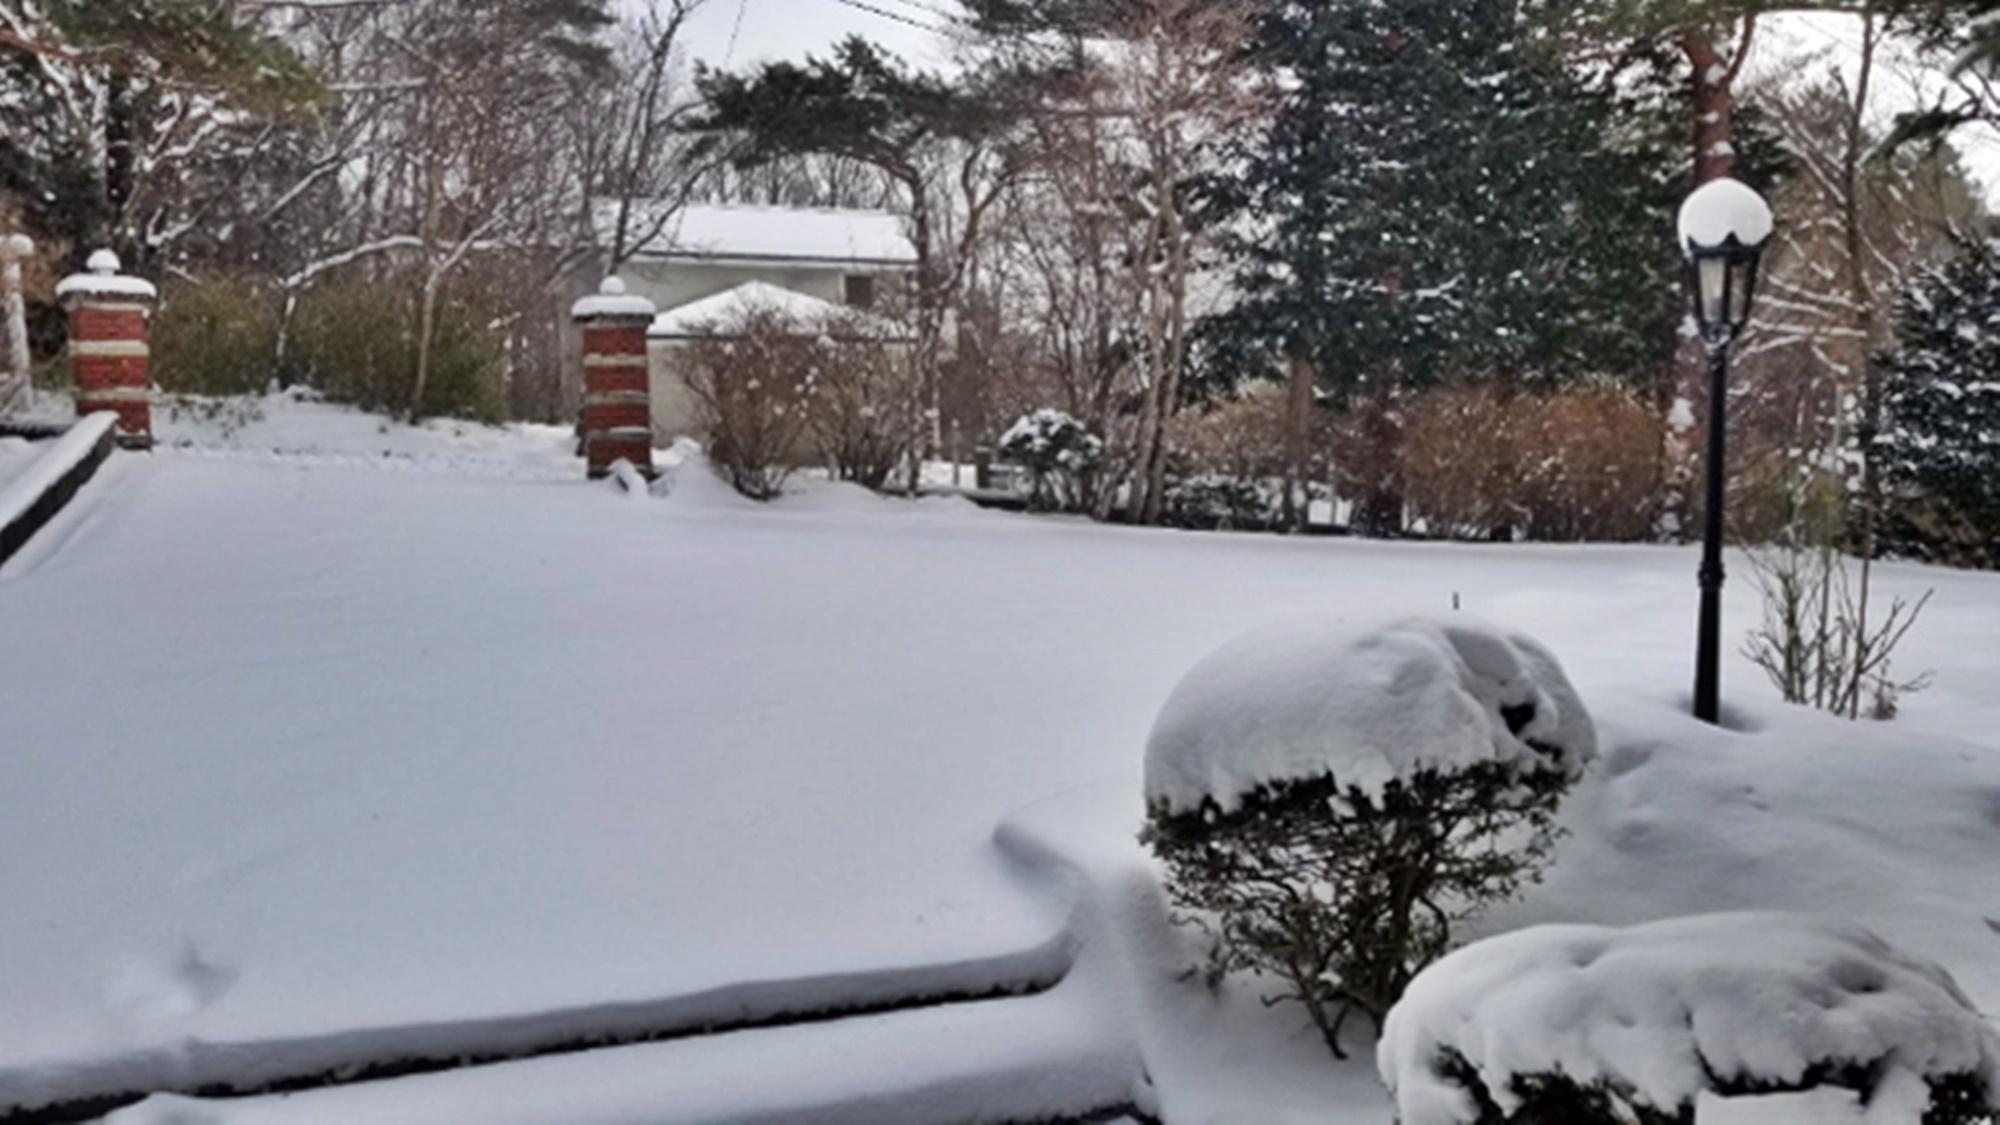 *【冬の外観】春先でもこんなにこんもりと雪が積もることもあります。